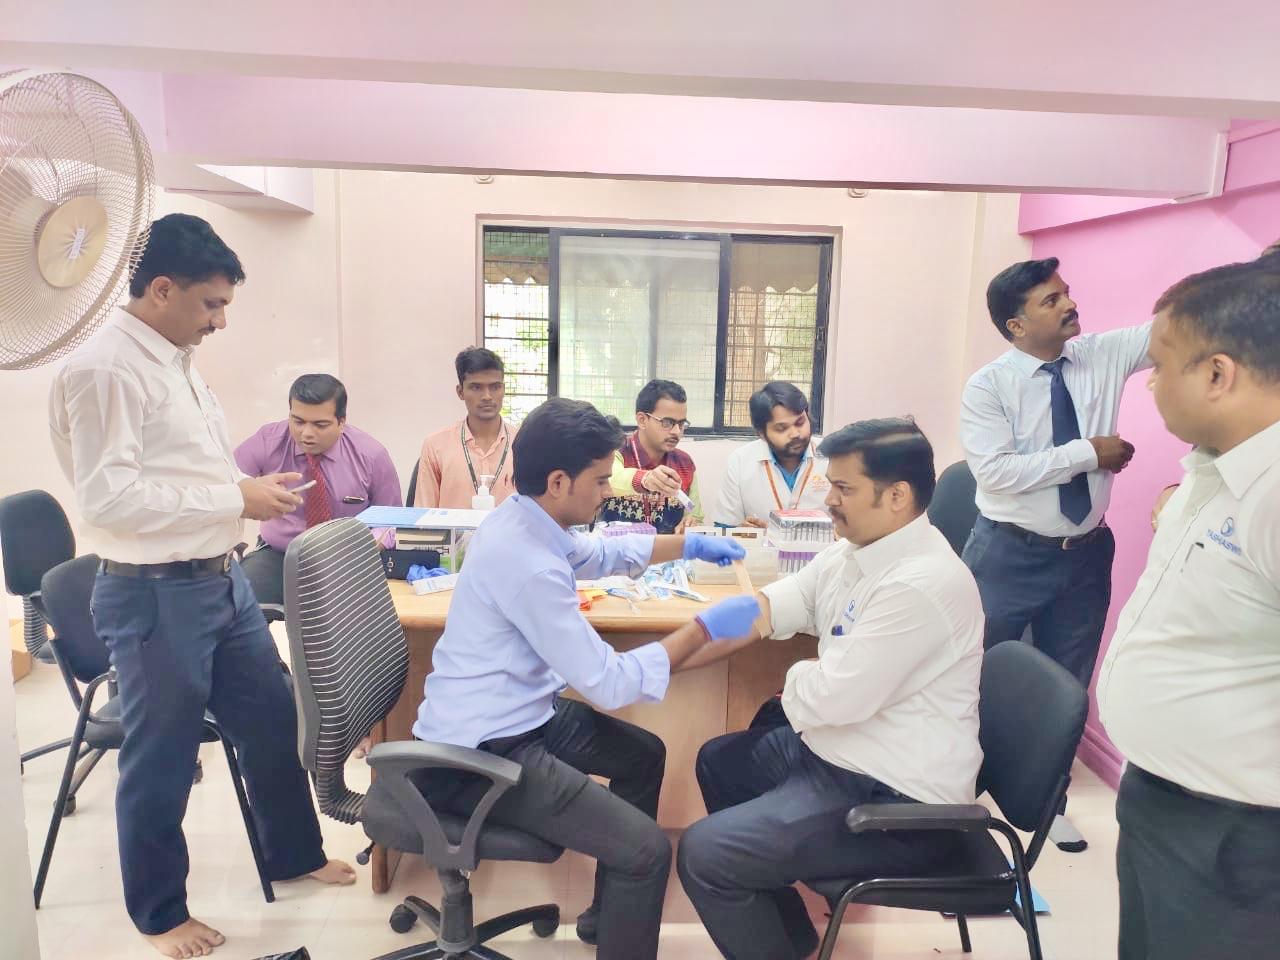 'यशस्वी' संस्थेच्यावतीने  फिट  इंडिया  मोहिमेअंतर्गत मोफत आरोग्य शिबीर संपन्न